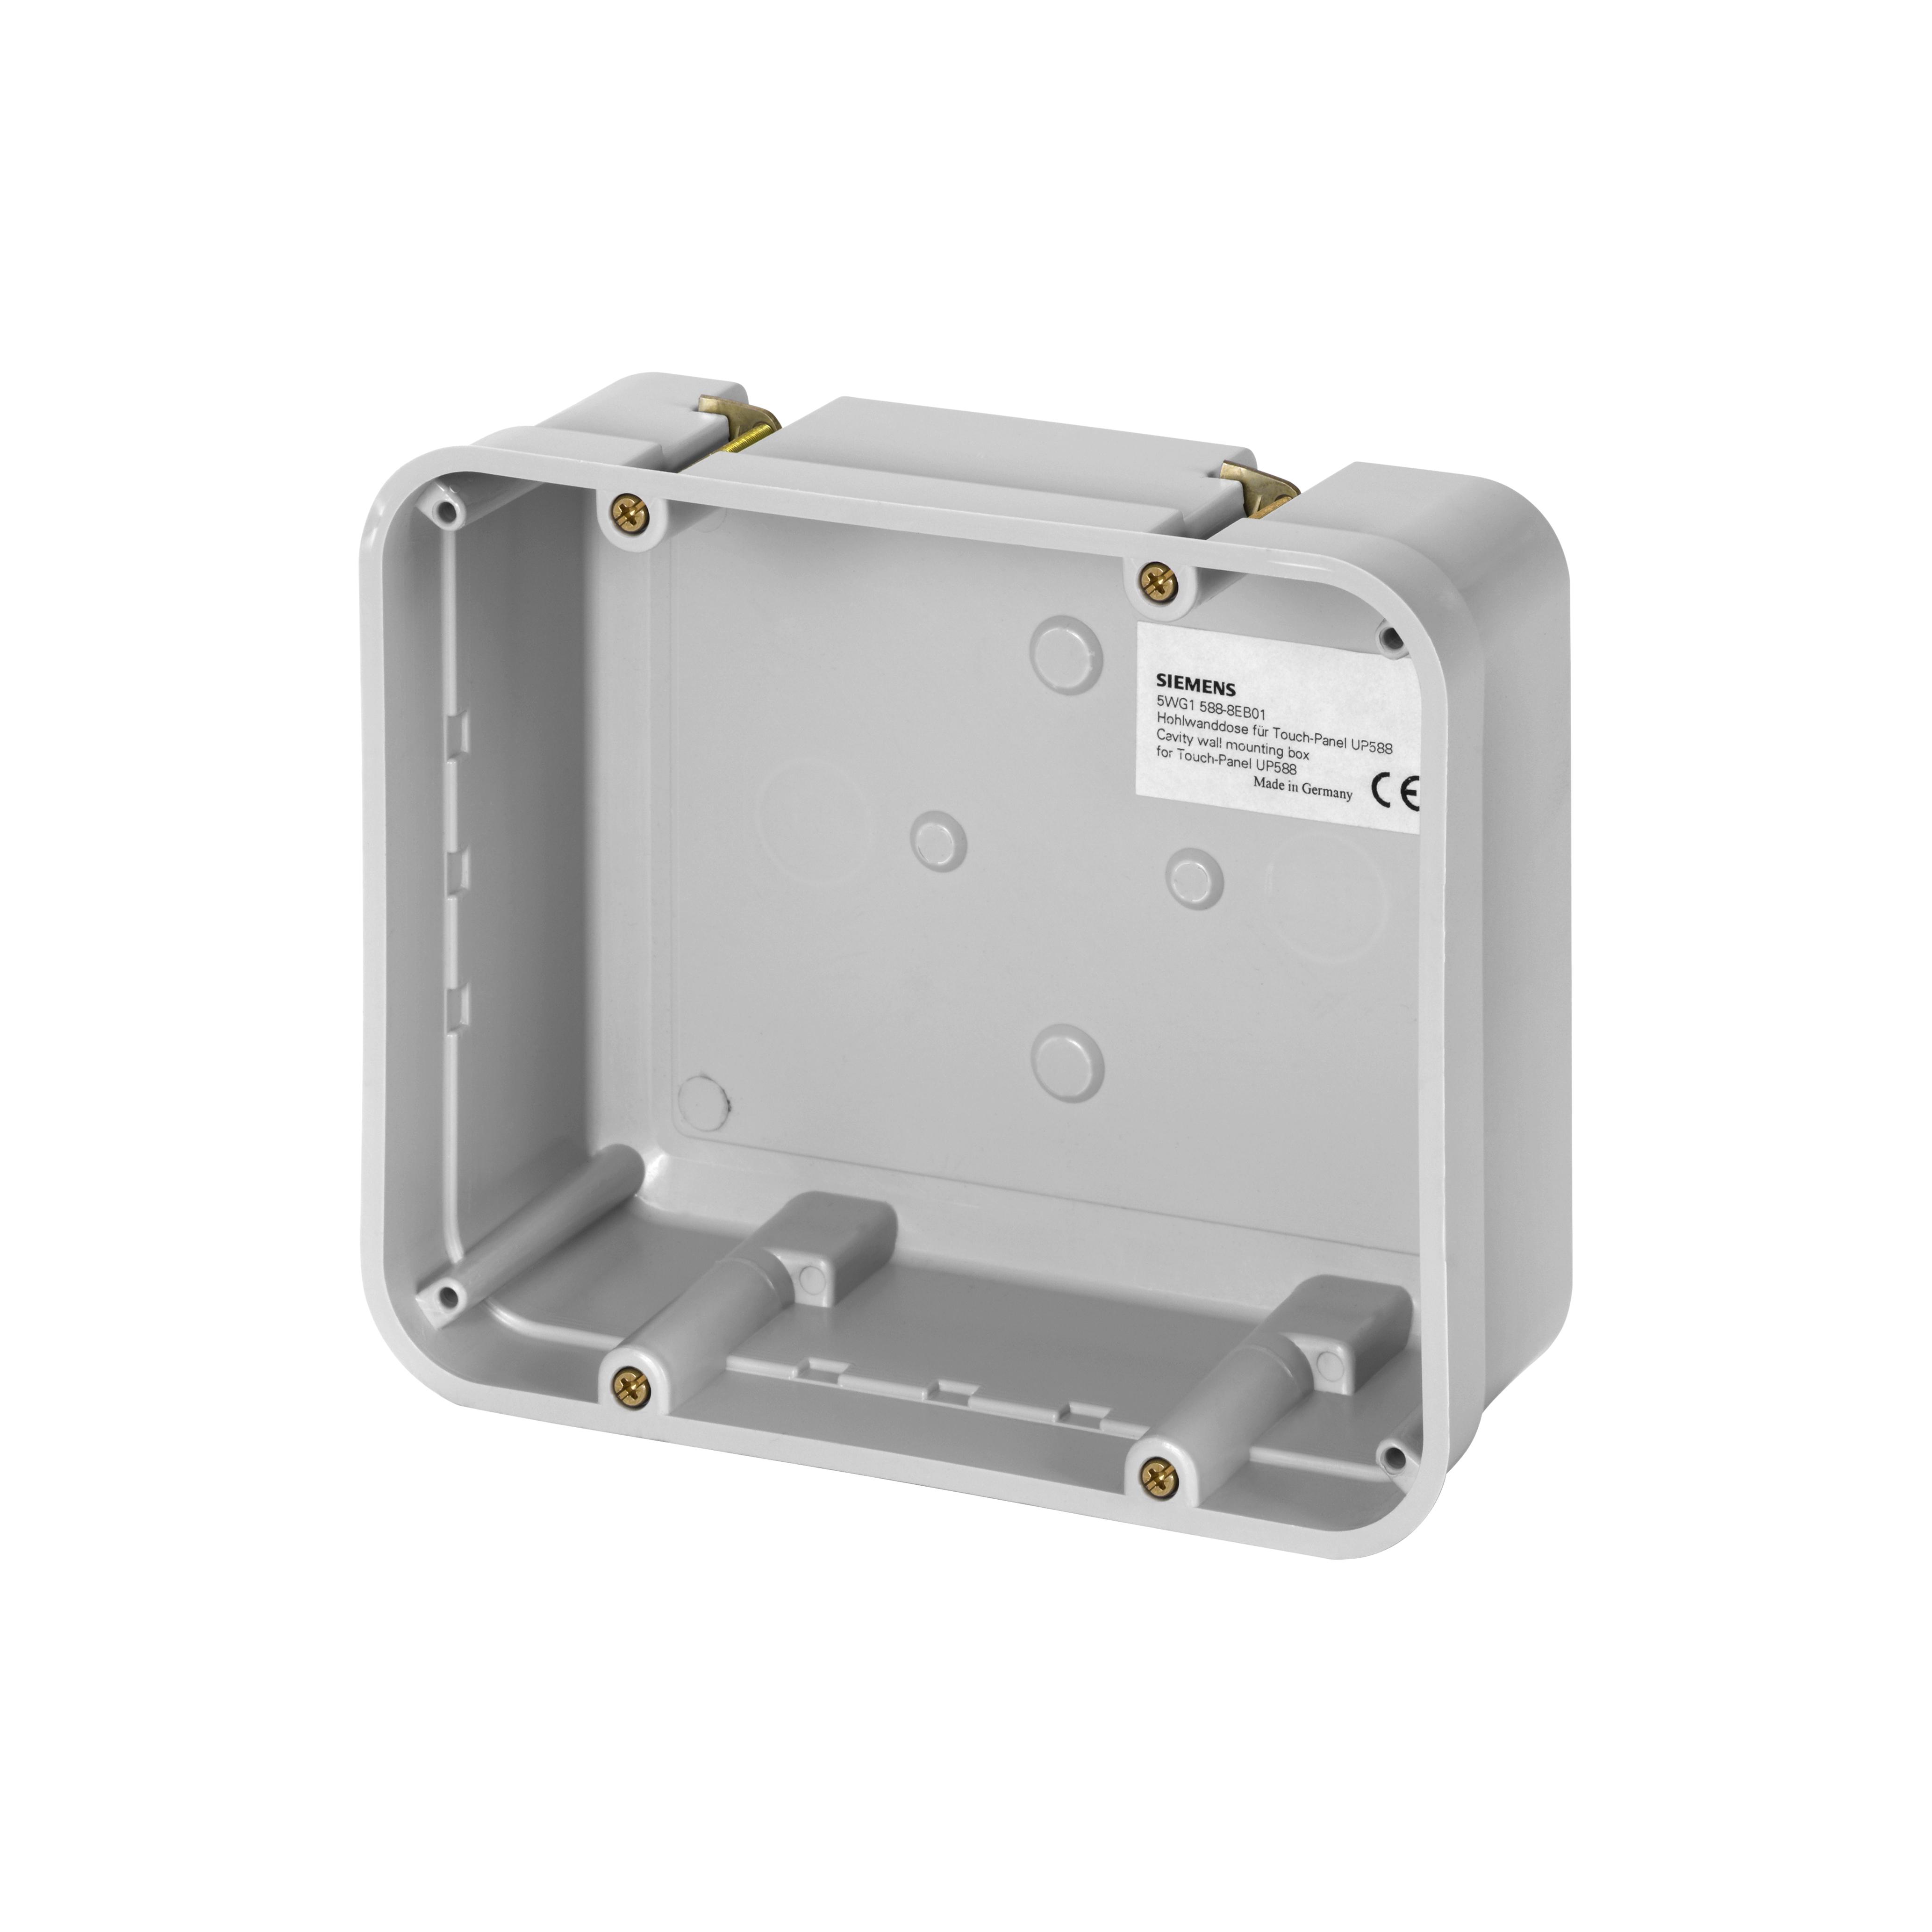 1 Stk Einbau-/Hohlwanddose für Touch Panels KX5882AB13, KX5882AB23 KX5888EB01